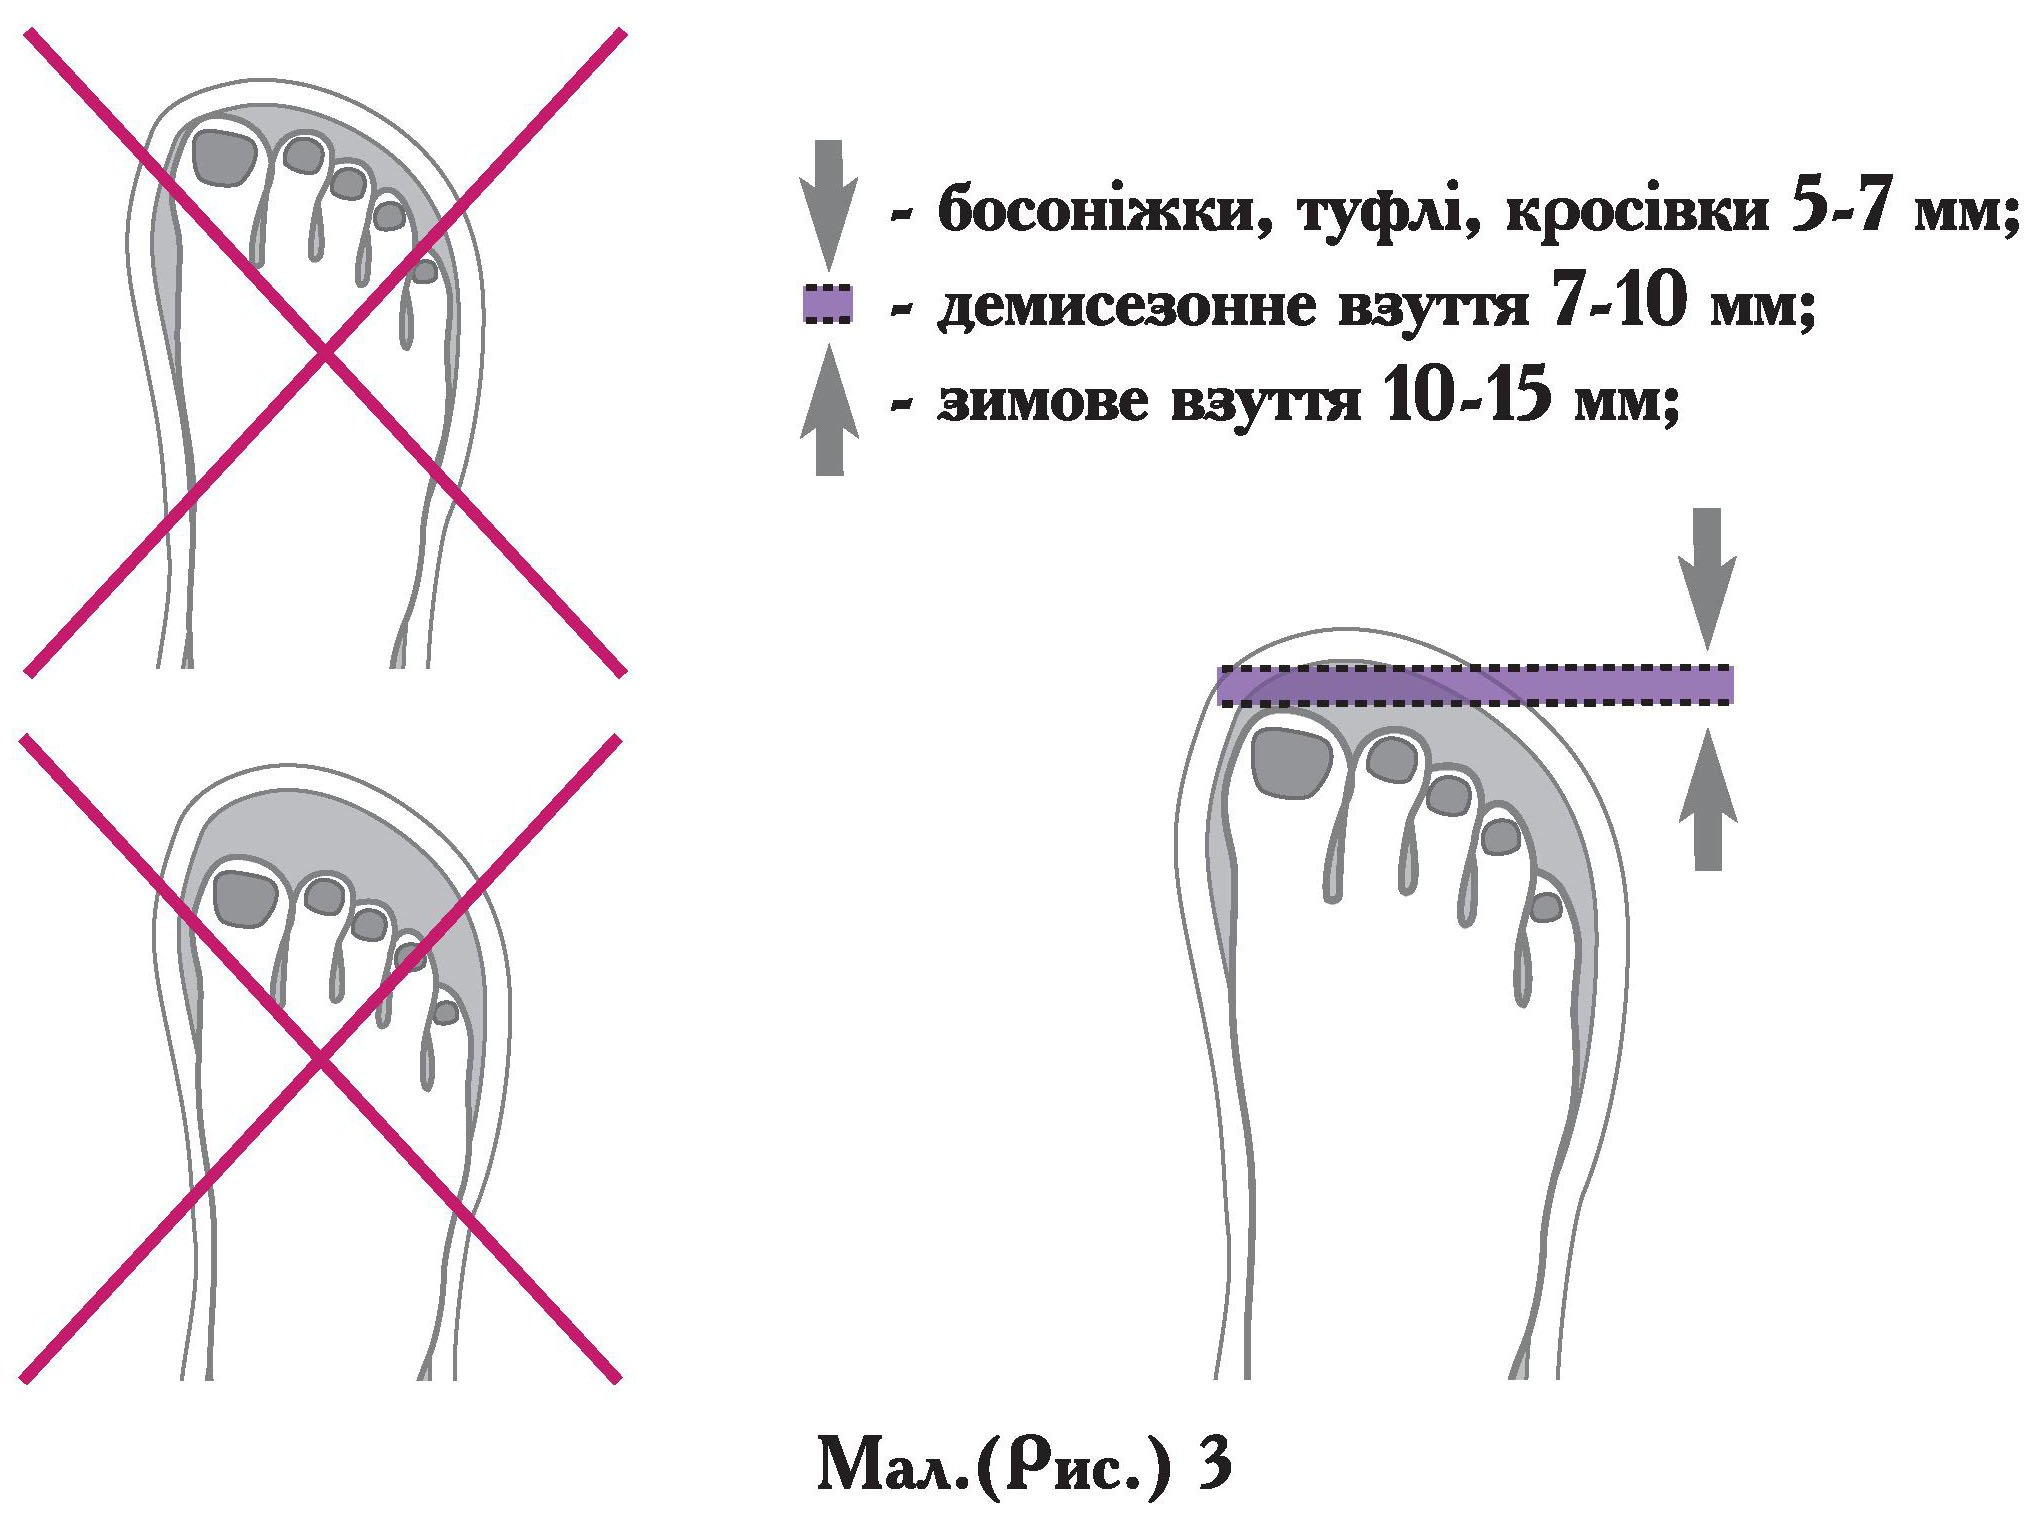 844d1090c26fc7 Демісезонне дитяче взуття потребують припуску близько 7-10 мм, а ось до  зимової парі передбачається ще й теплий шкарпетка, який додасть місця, ...